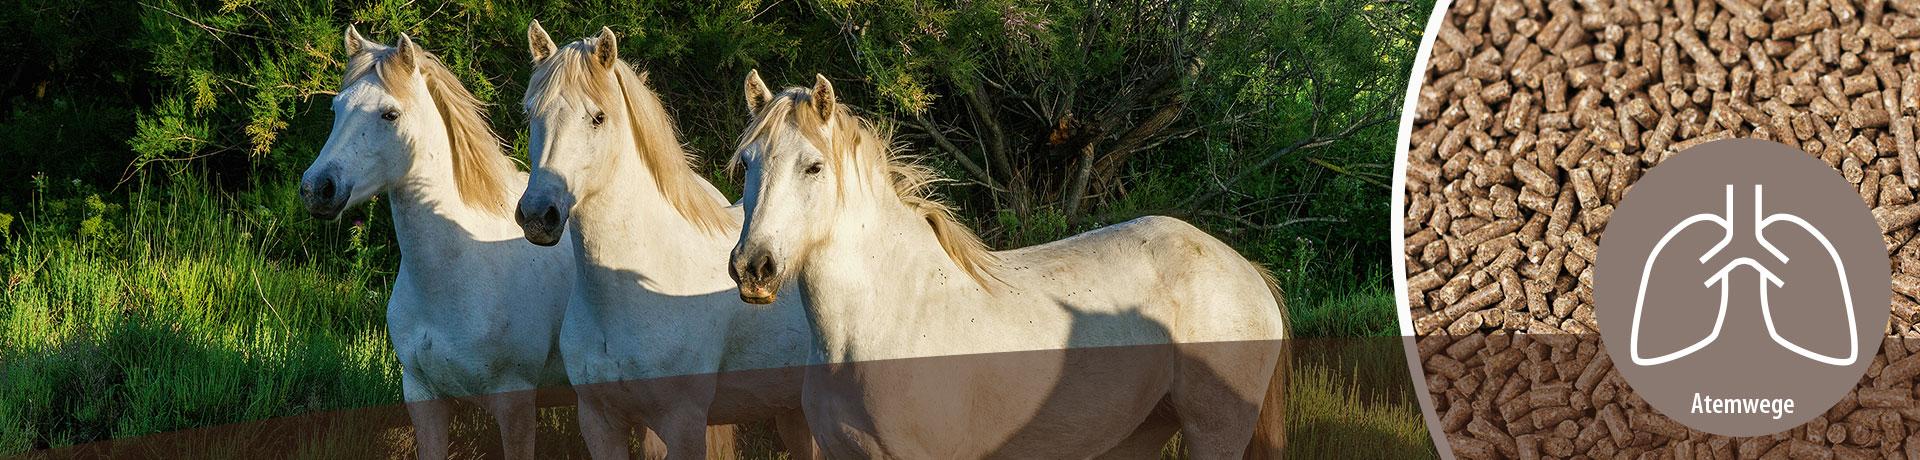 Pferd - Unterkategorie - Atemwege